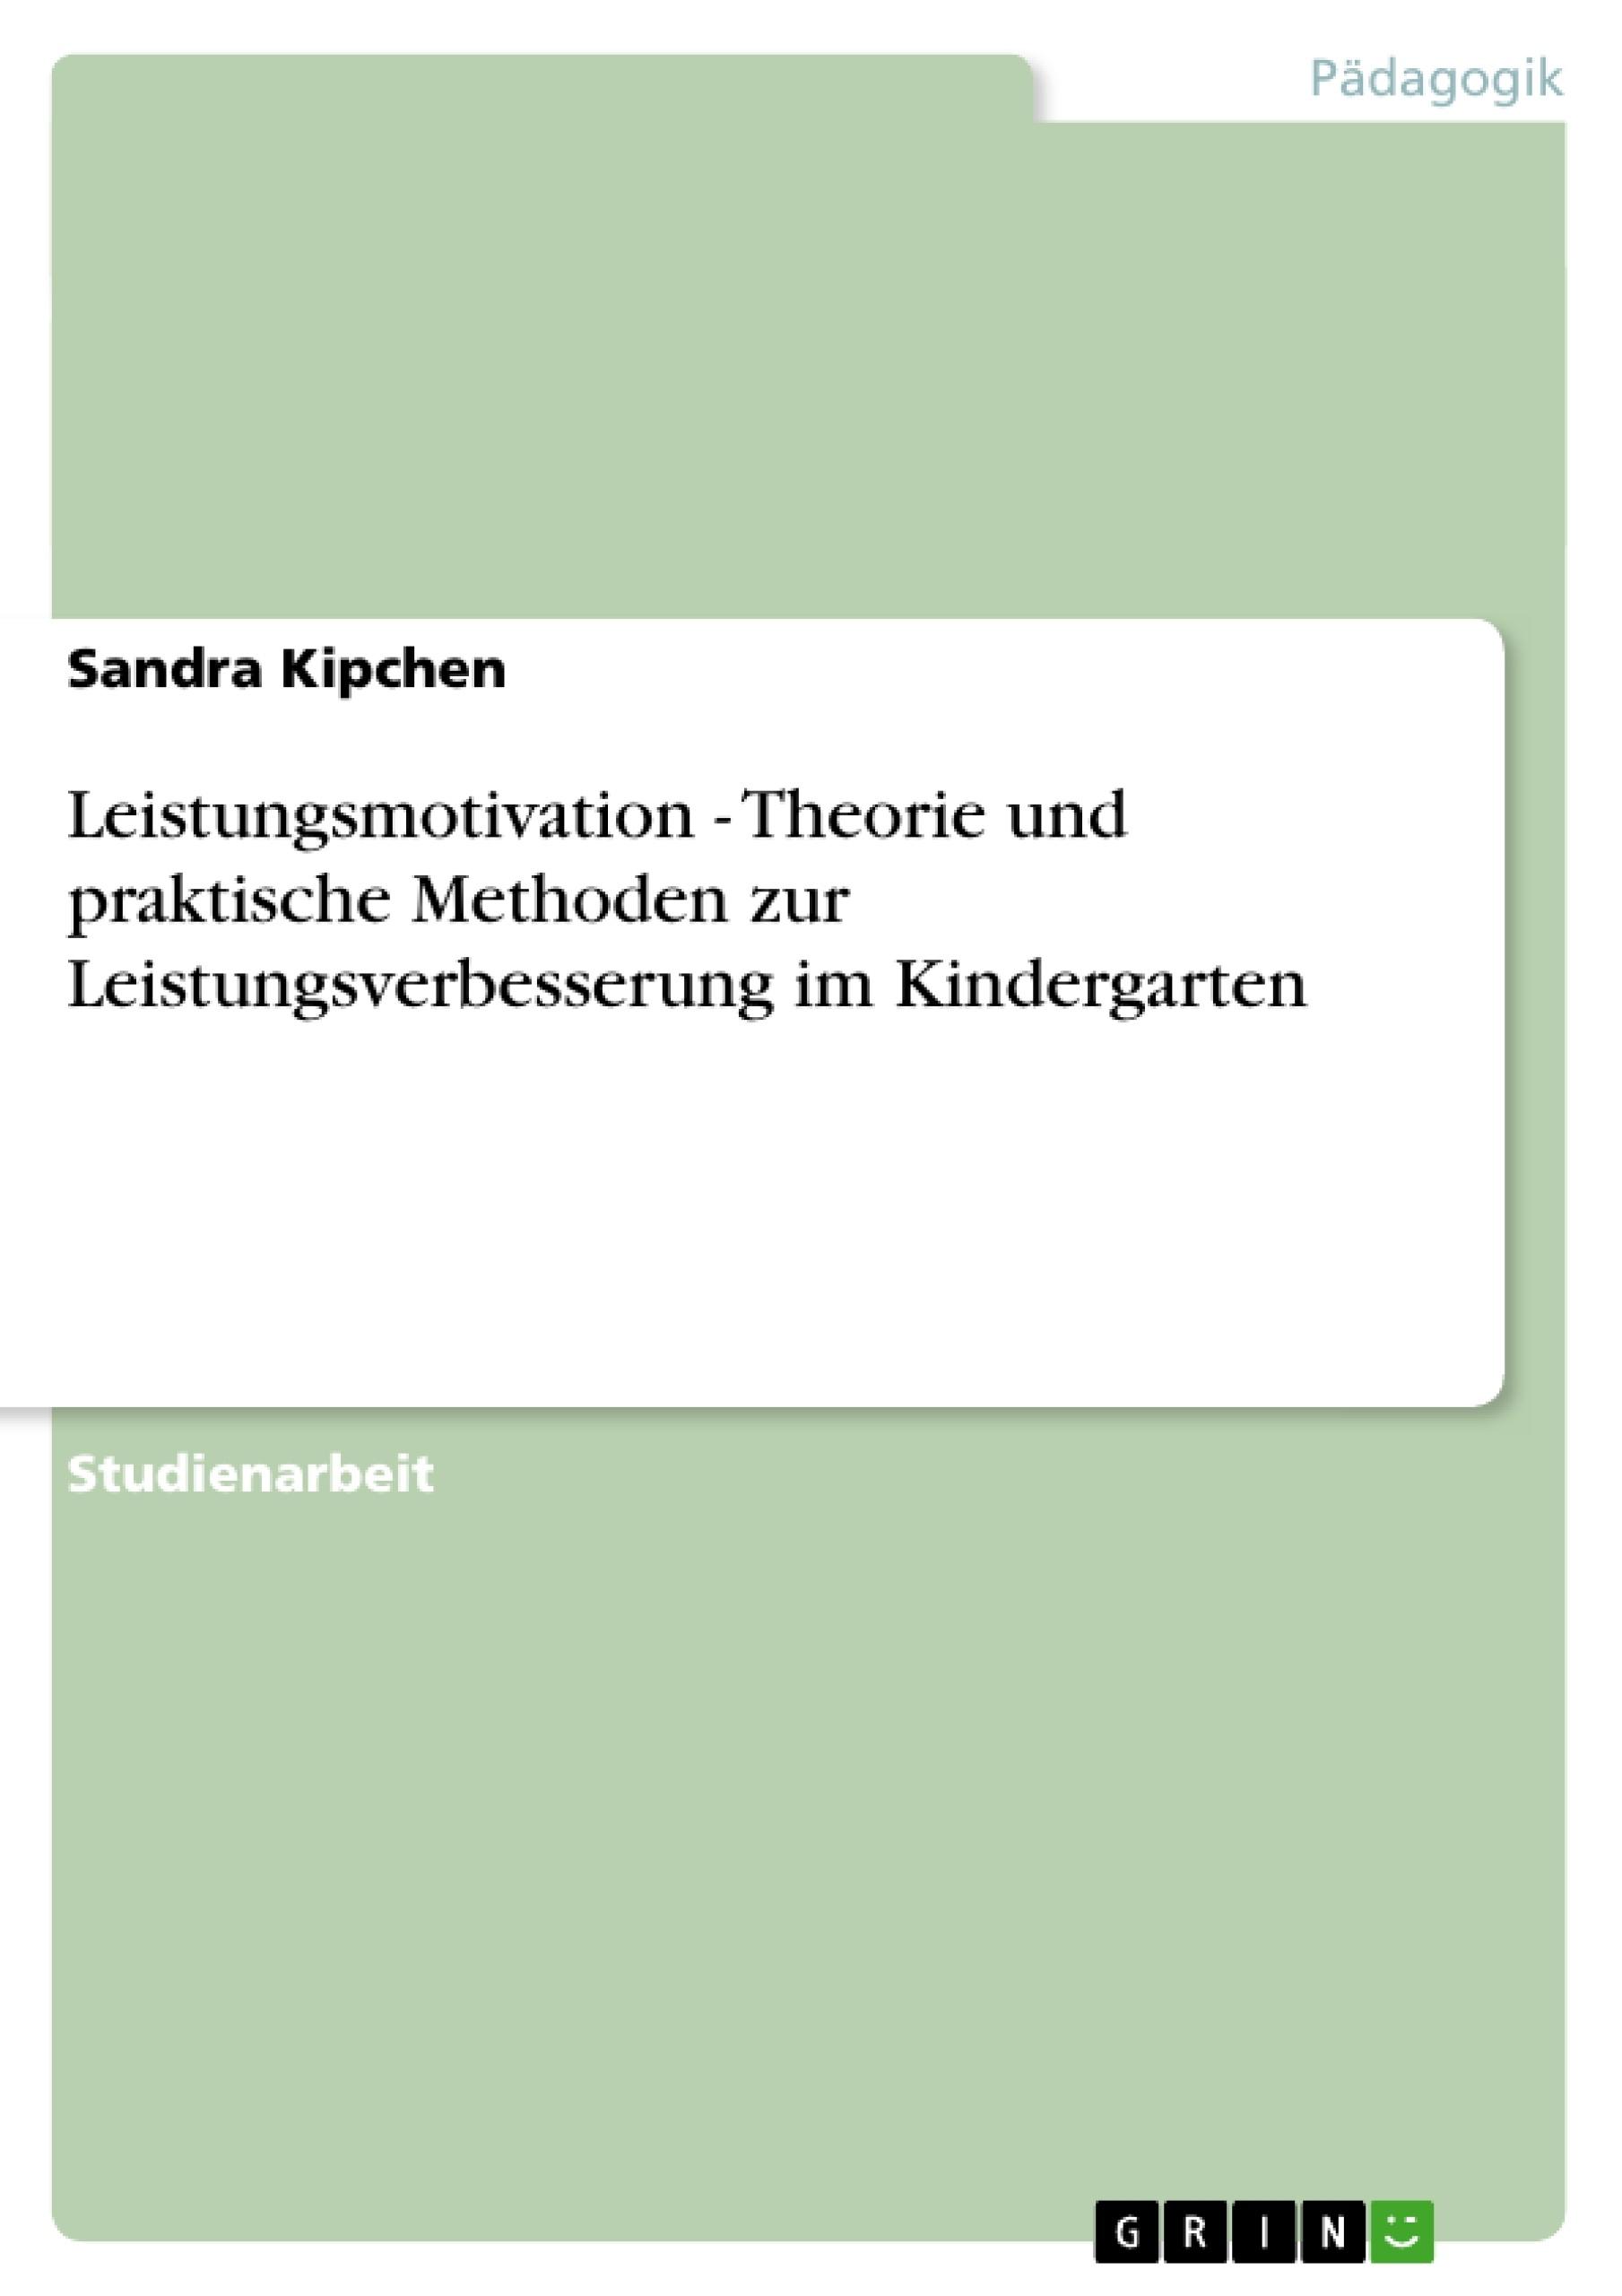 Titel: Leistungsmotivation - Theorie und praktische Methoden zur Leistungsverbesserung im Kindergarten